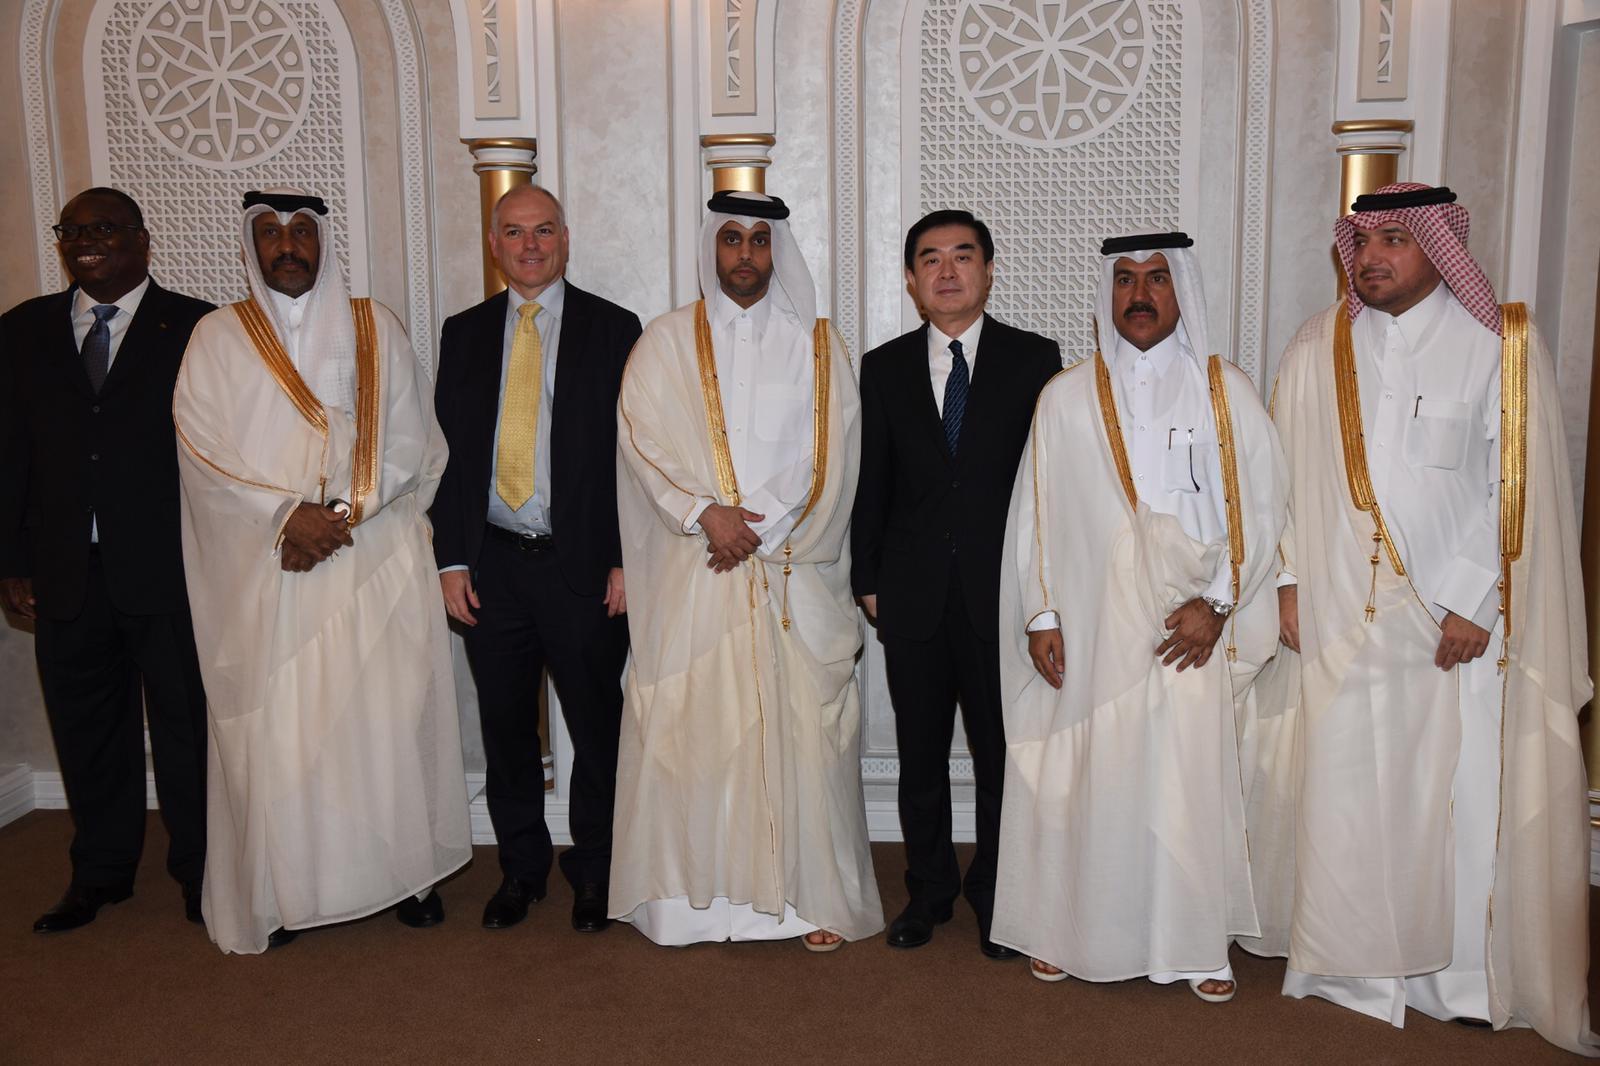 الأمين العام لوزارة الخارجية يقيم حفل وداع لسفراء الصين وأستراليا وبوركينافاسو